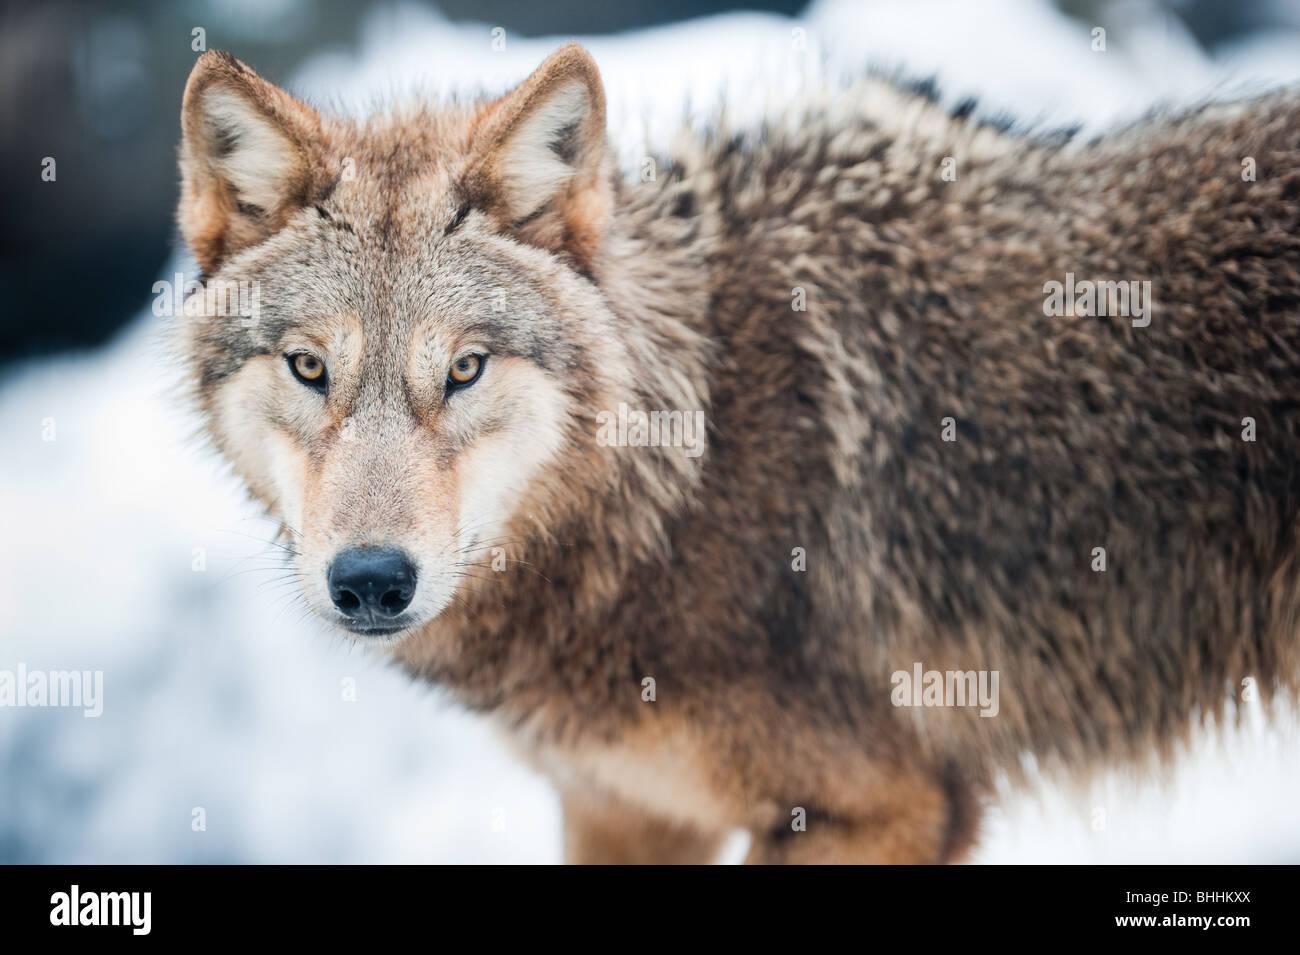 Lupo (lat. Canis lupus) in piedi nella neve il focus è su gli occhi Immagini Stock